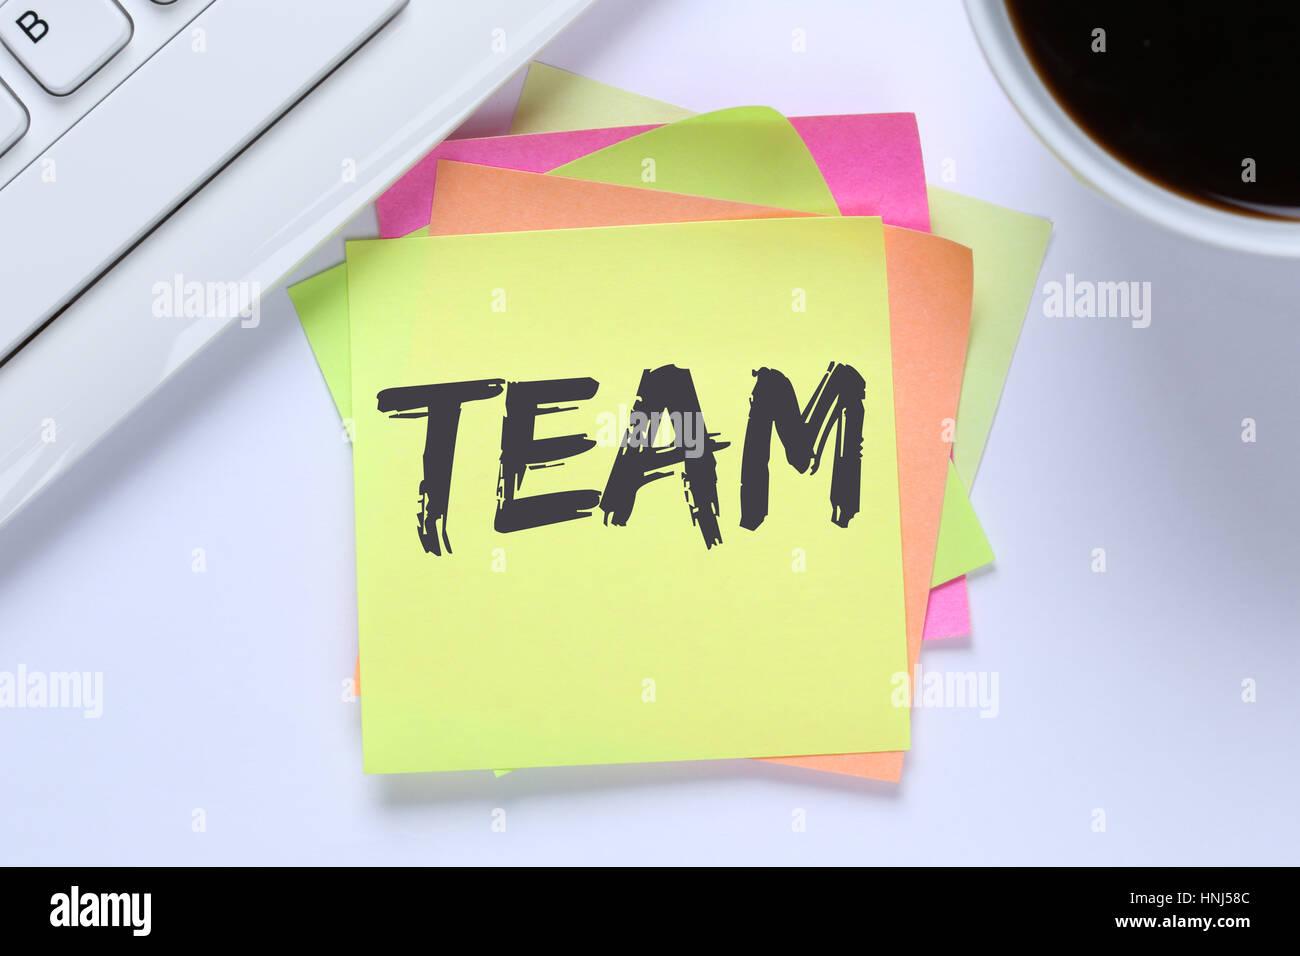 Team teamwork working together office desk computer keyboard - Stock Image